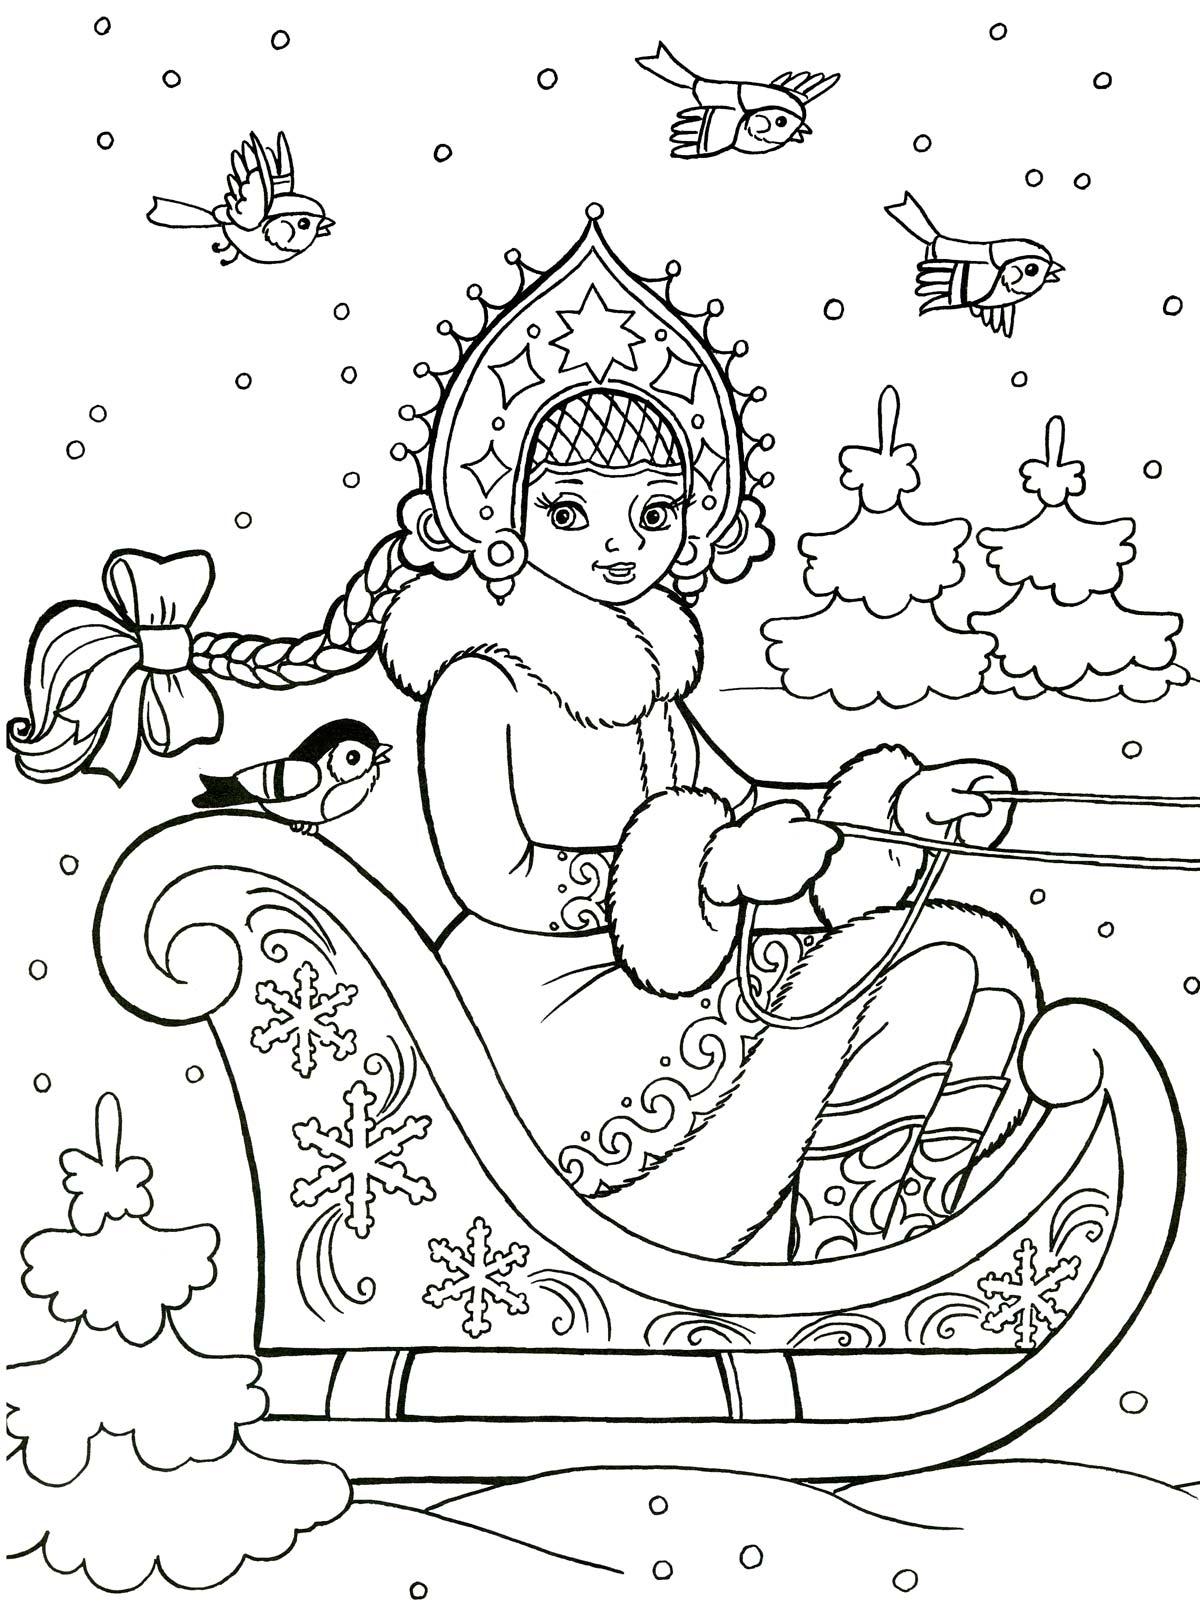 Новый год, снегурочка едет в санях Зимние раскраски для мальчиков